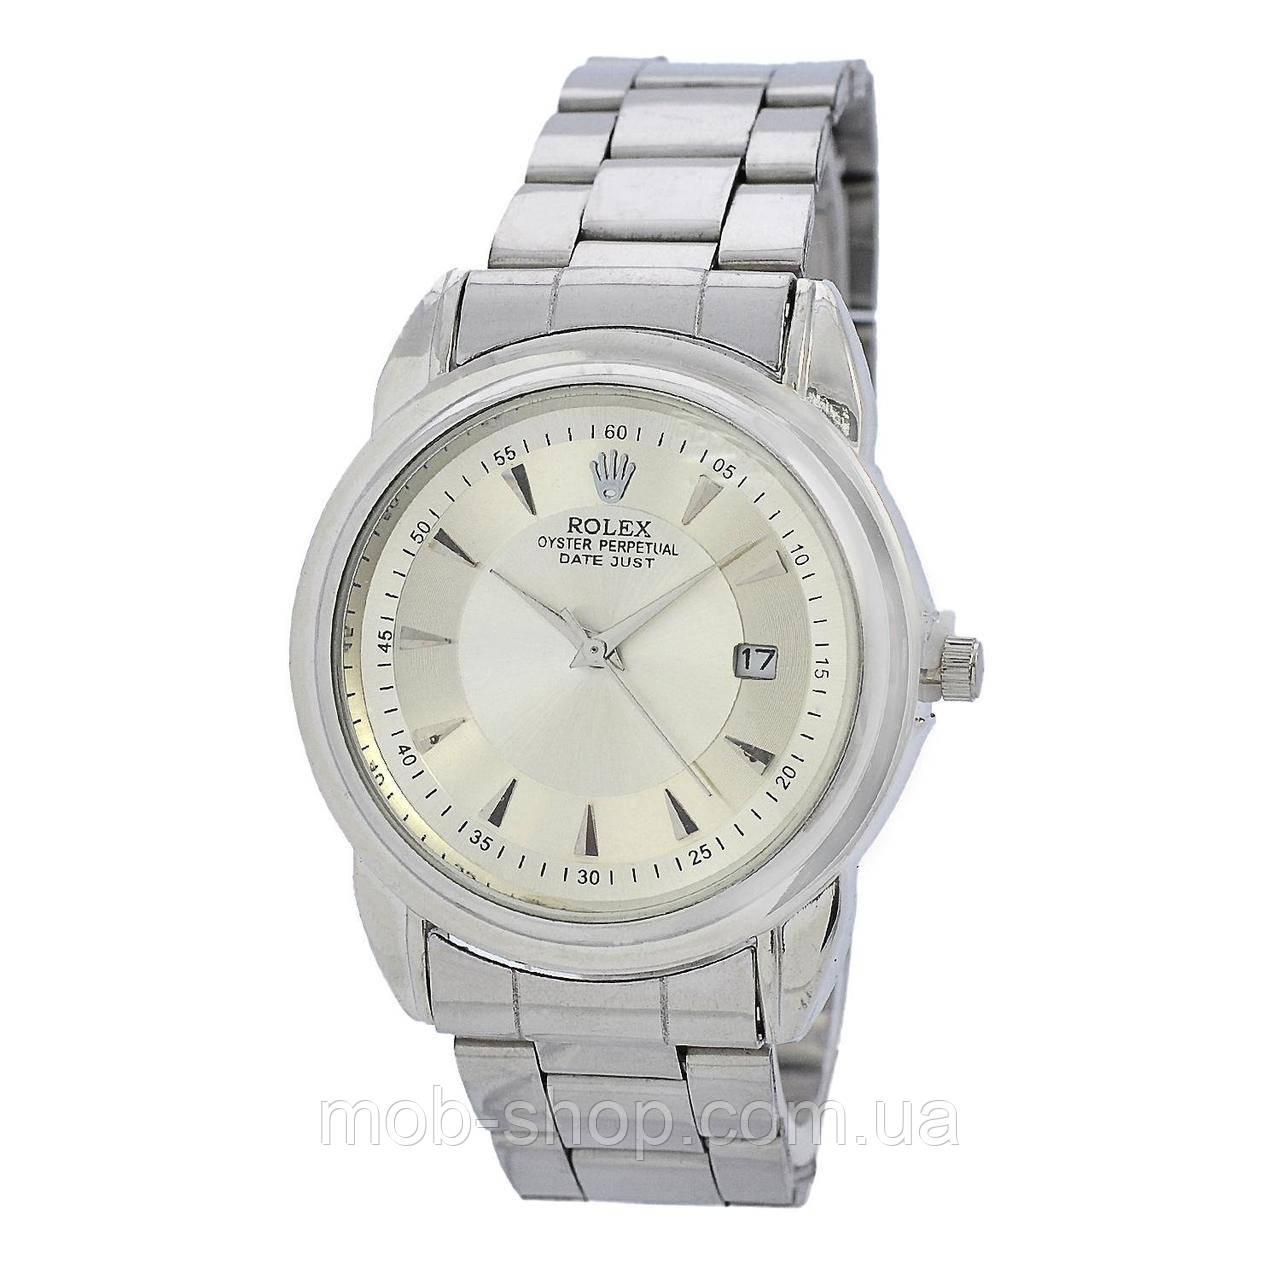 Rolex SSVR-1020-0275 Цвета разные